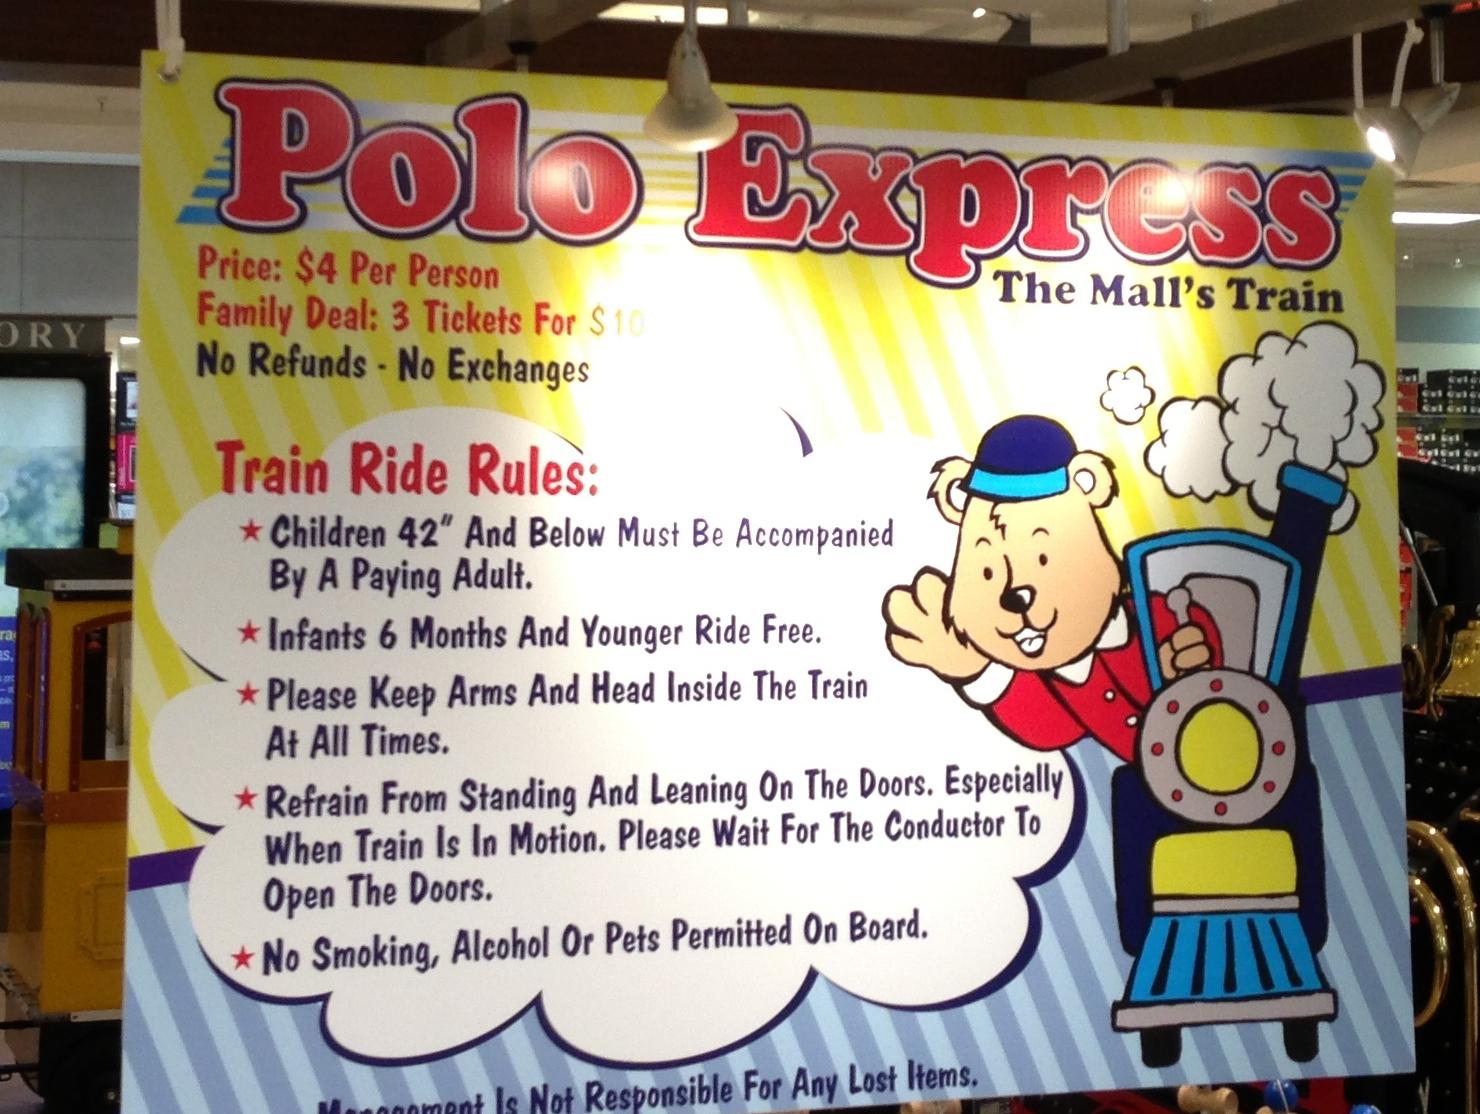 Polo Express Family Deal